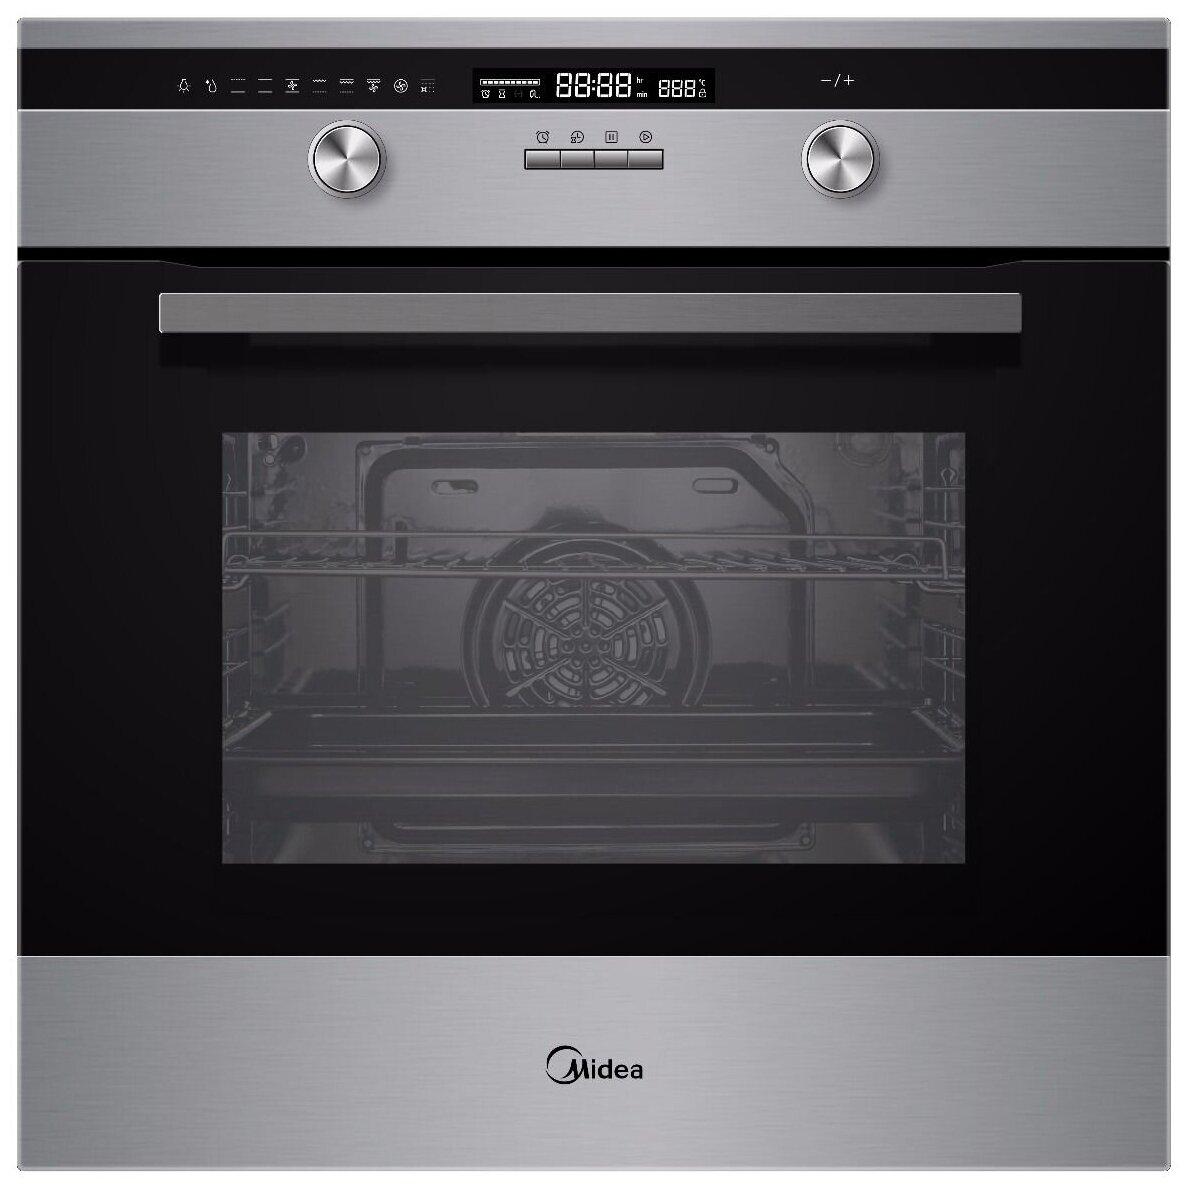 Духовой шкаф Midea MO781E4SPX серебристый